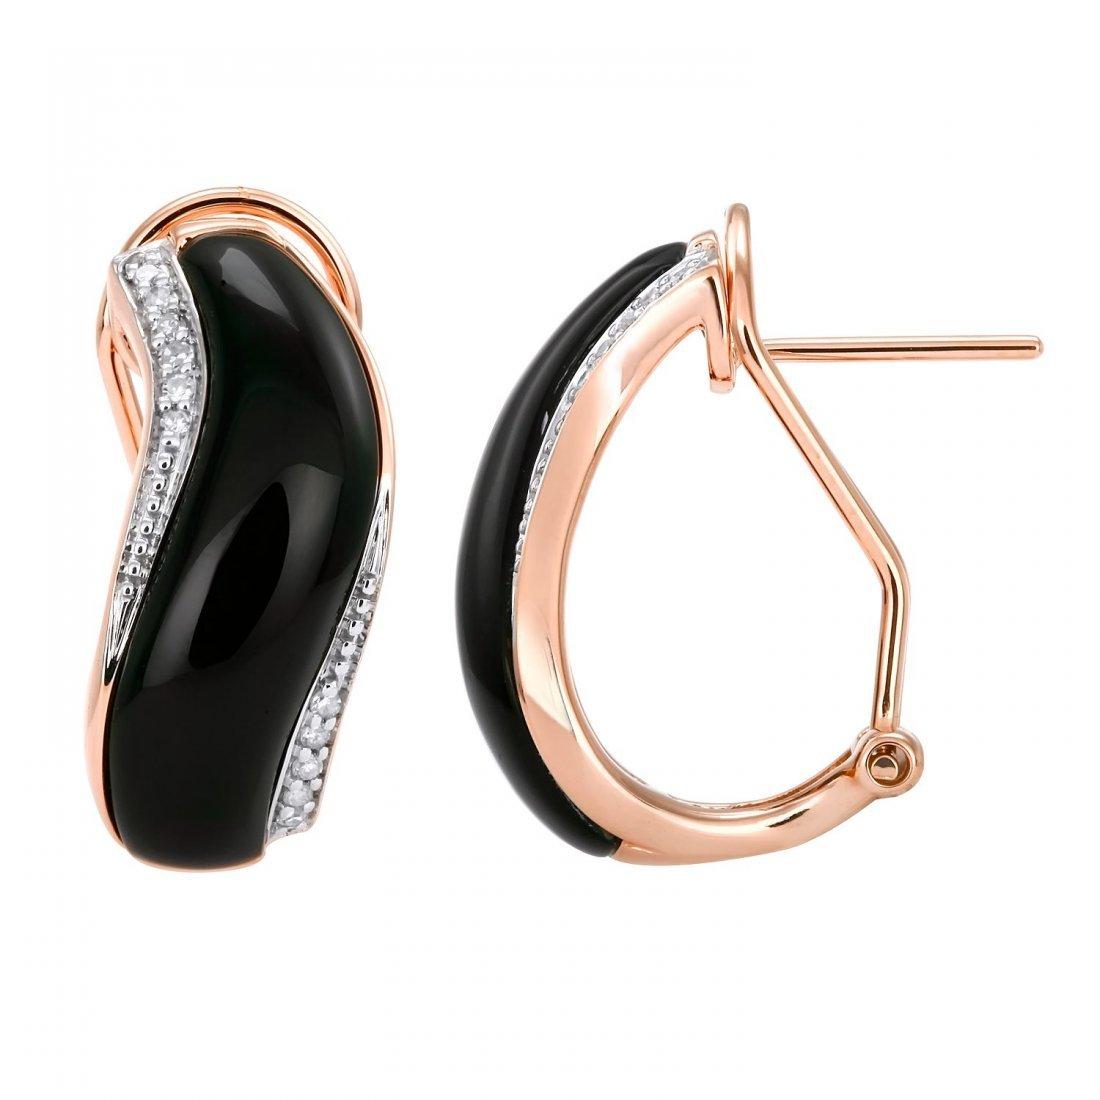 14KT Rose Gold Gemstone Earrings